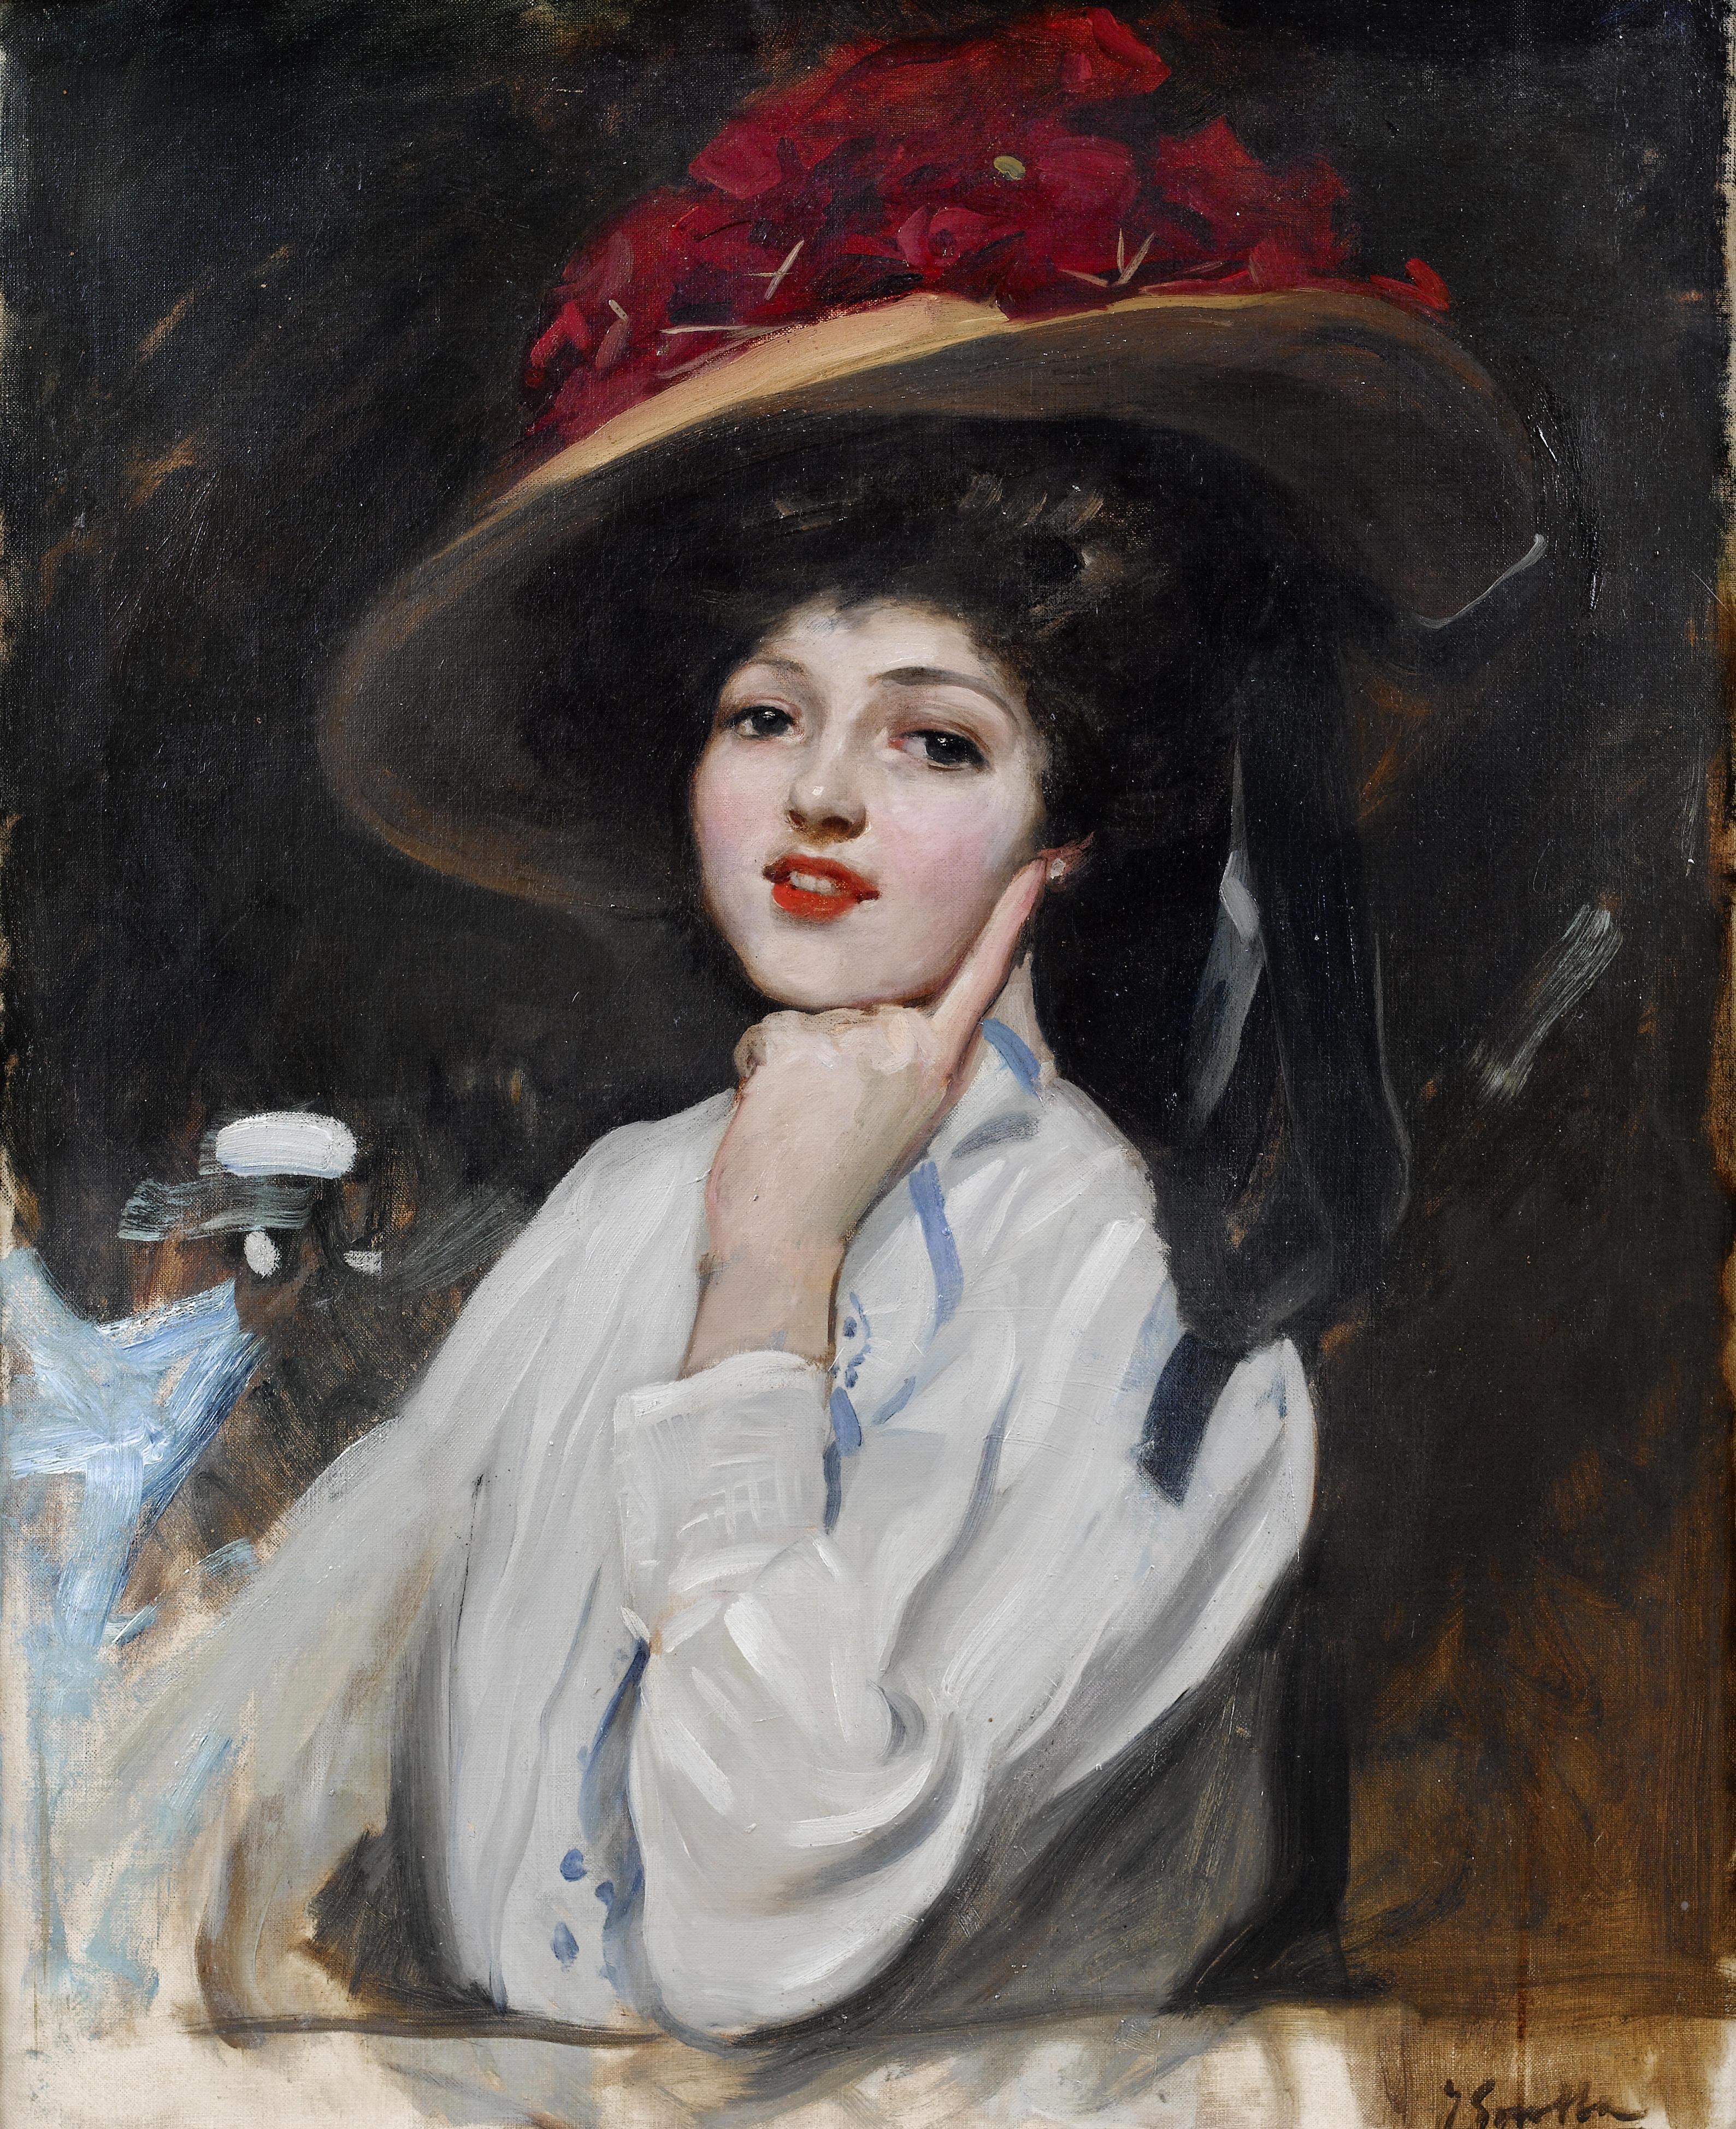 File:Joaquin Sorolla y Bastida - Retrato de una joven en ...